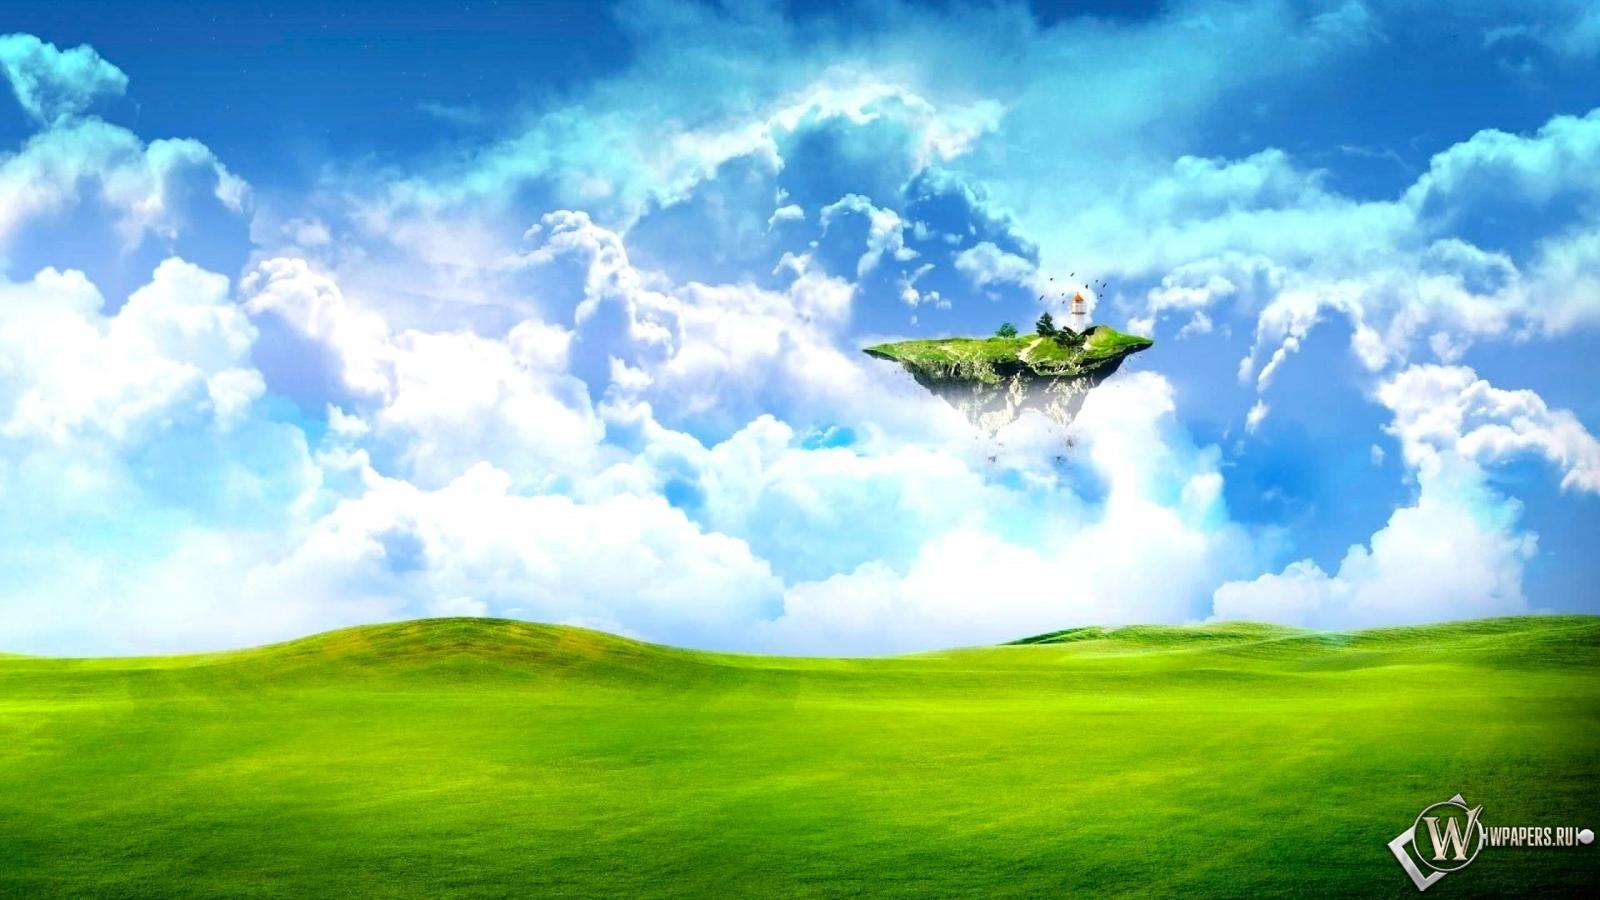 Летающий островок 1600x900